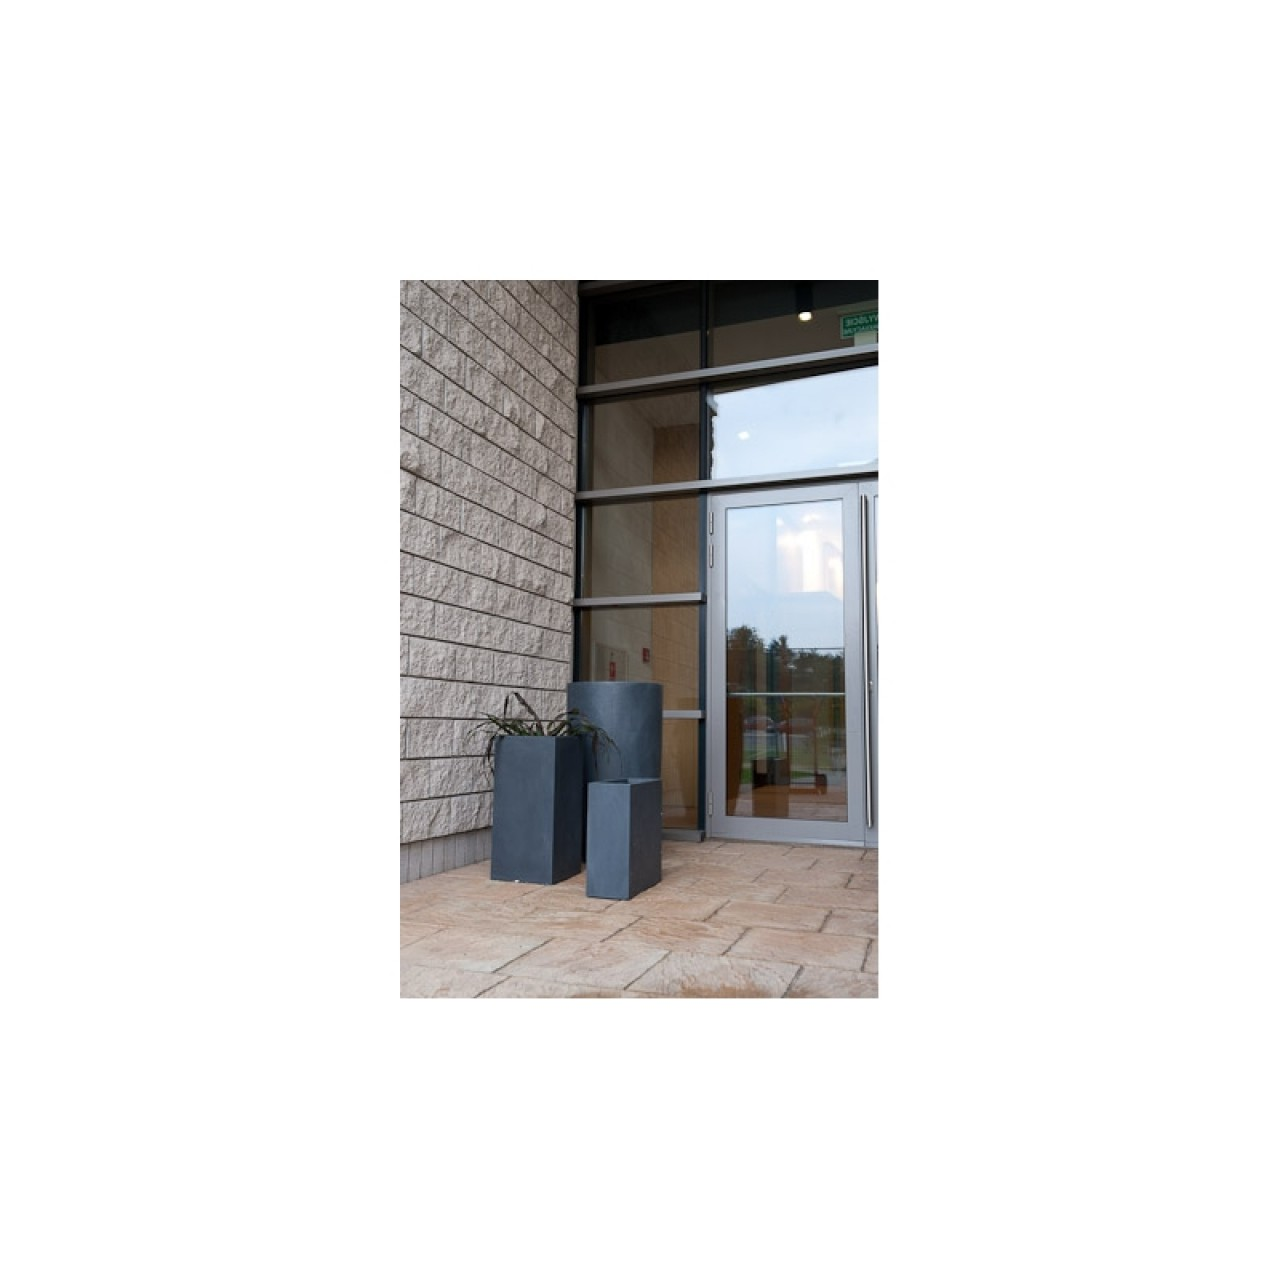 Donica Ecolite kwadrat wysoki 340 x 700 mm 88.007.70 Wyprzedaż